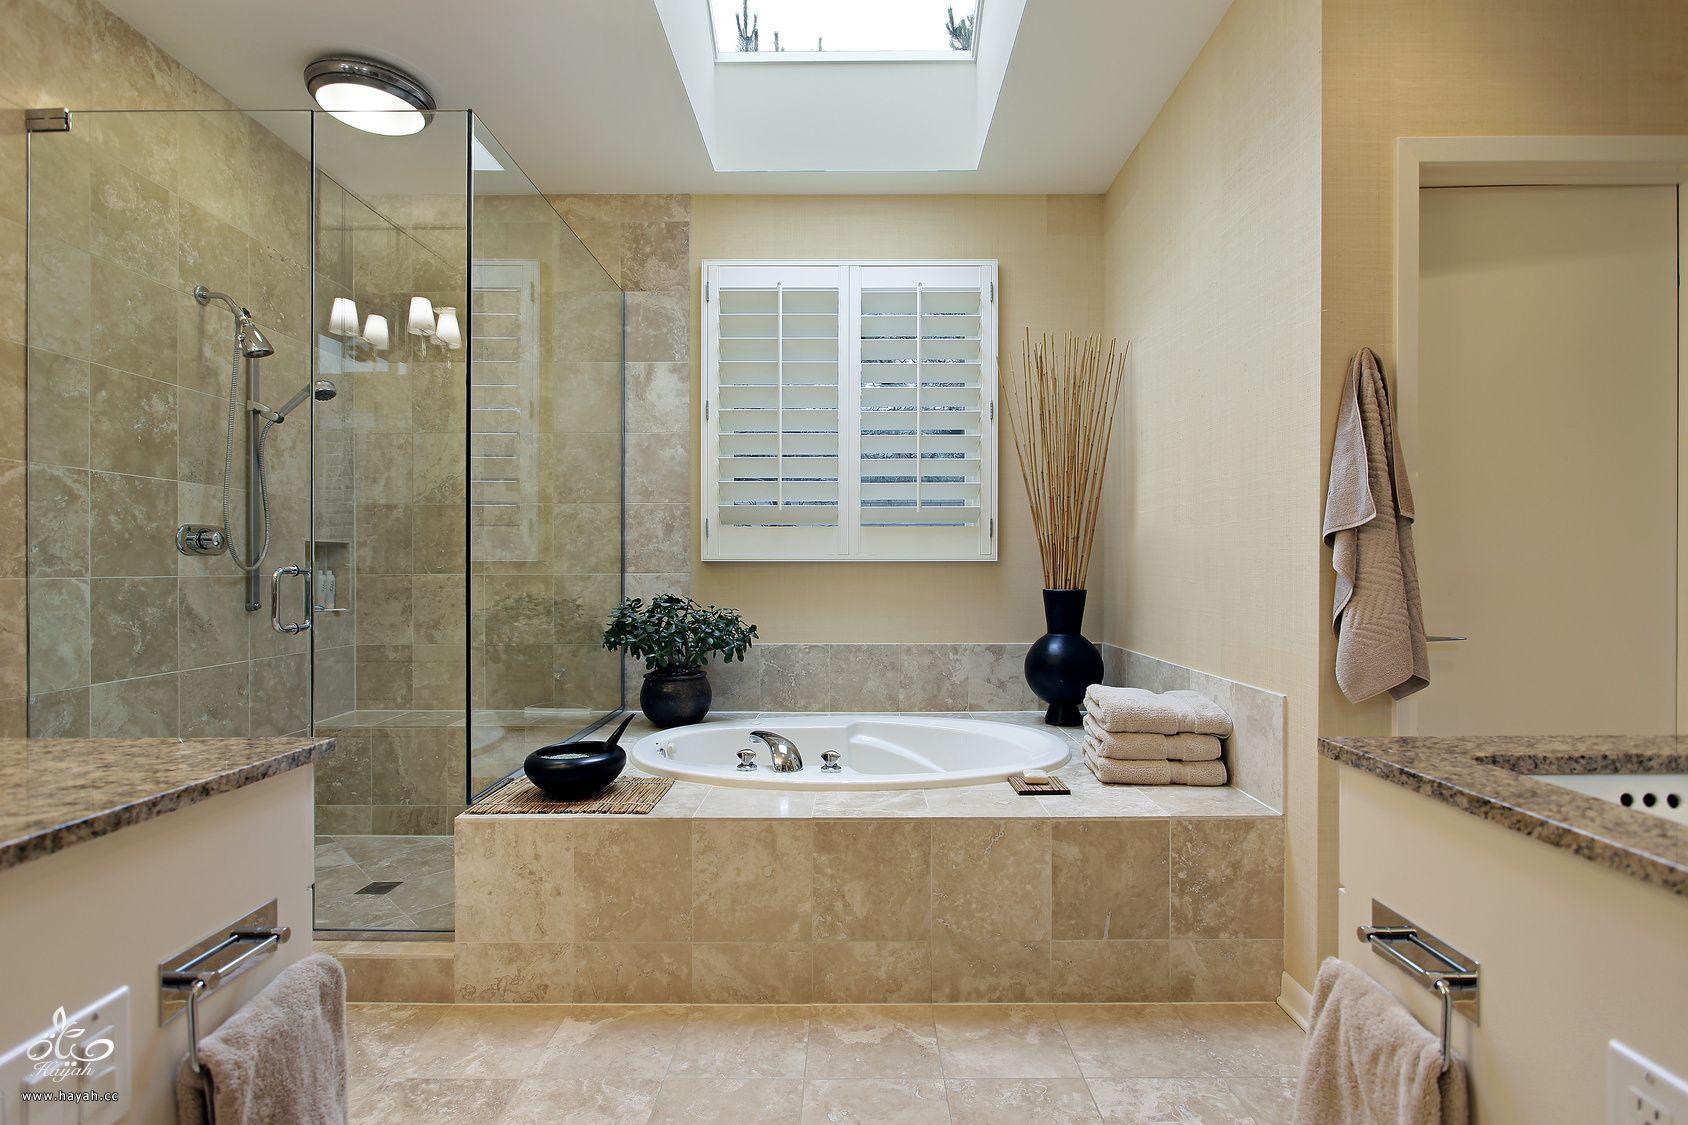 صورة ديكورات حمامات , احدث الديكور العصري والجديد للحمامات الكبيرة 1141 1